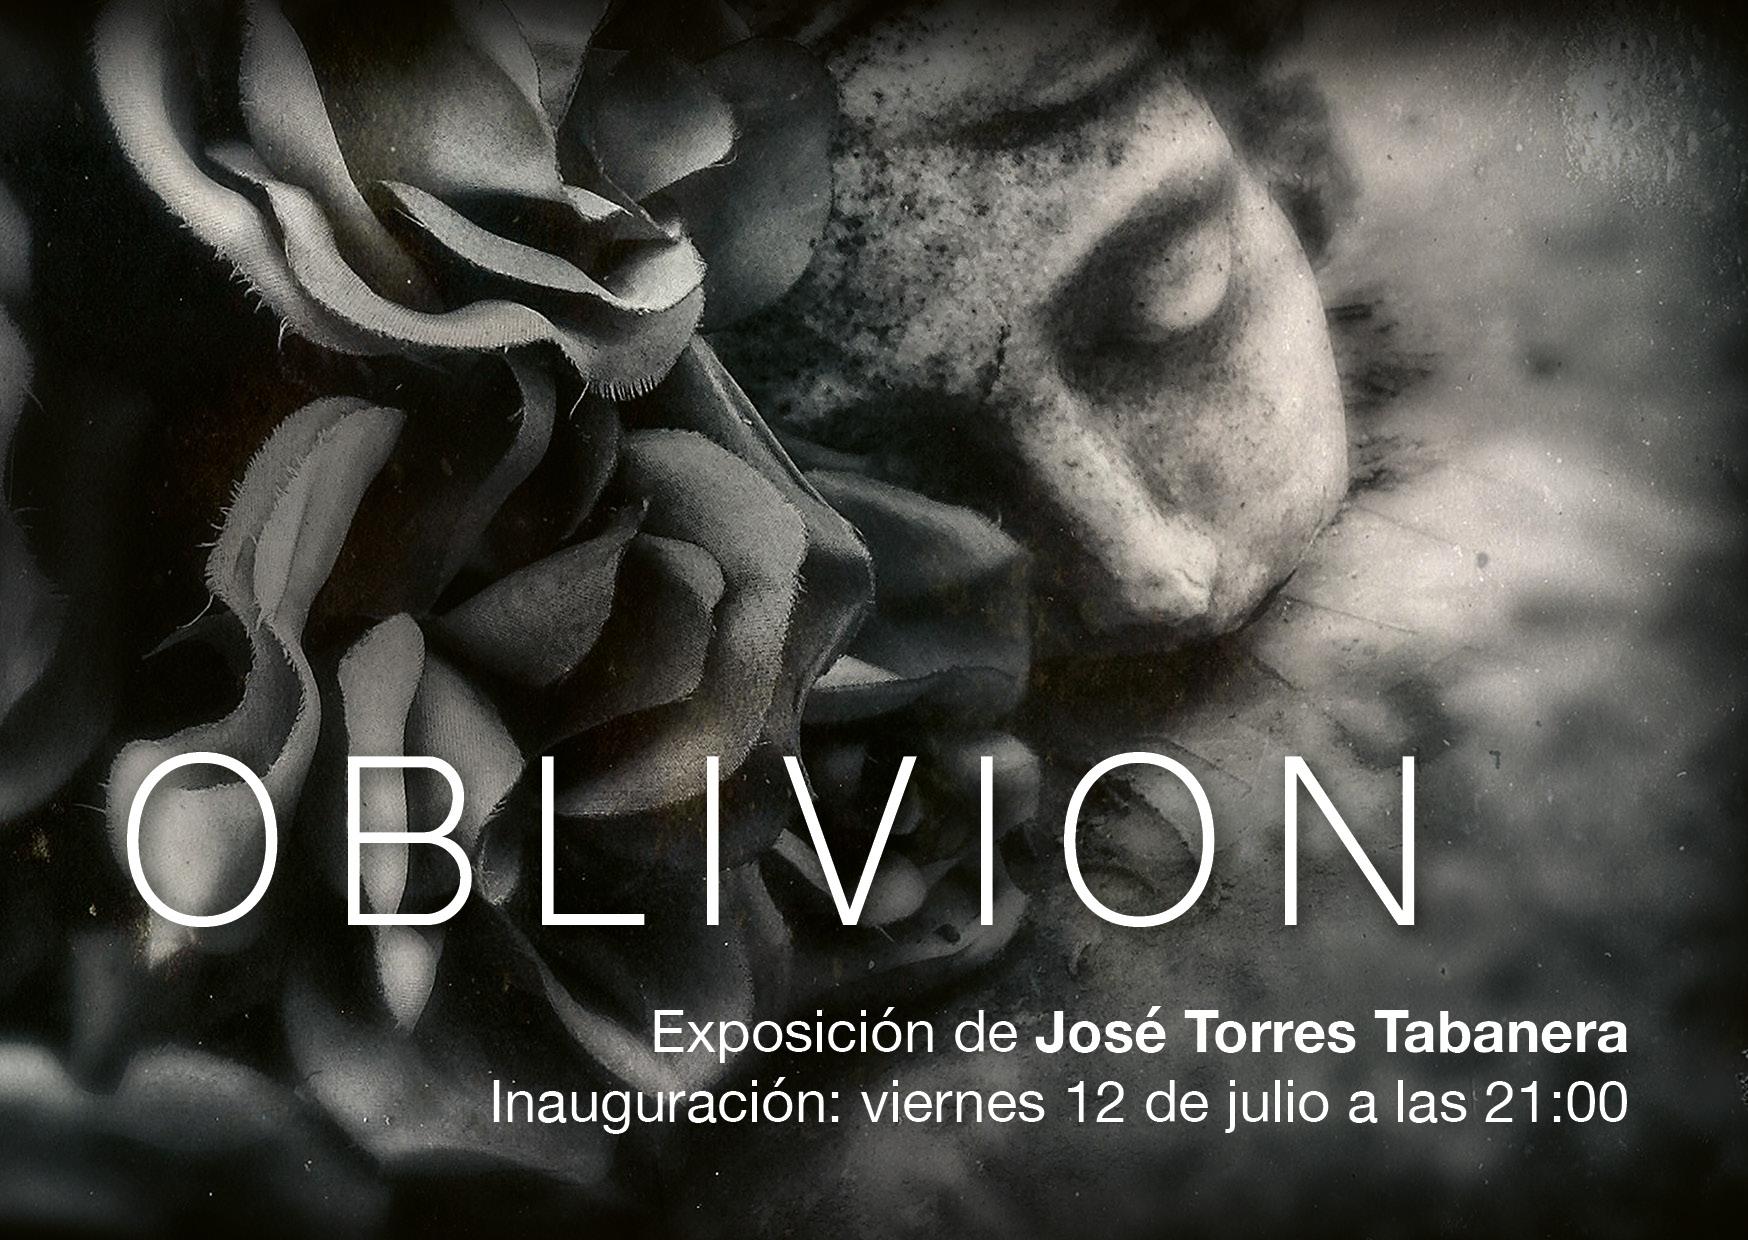 José Torres Tabanera - Oblivion